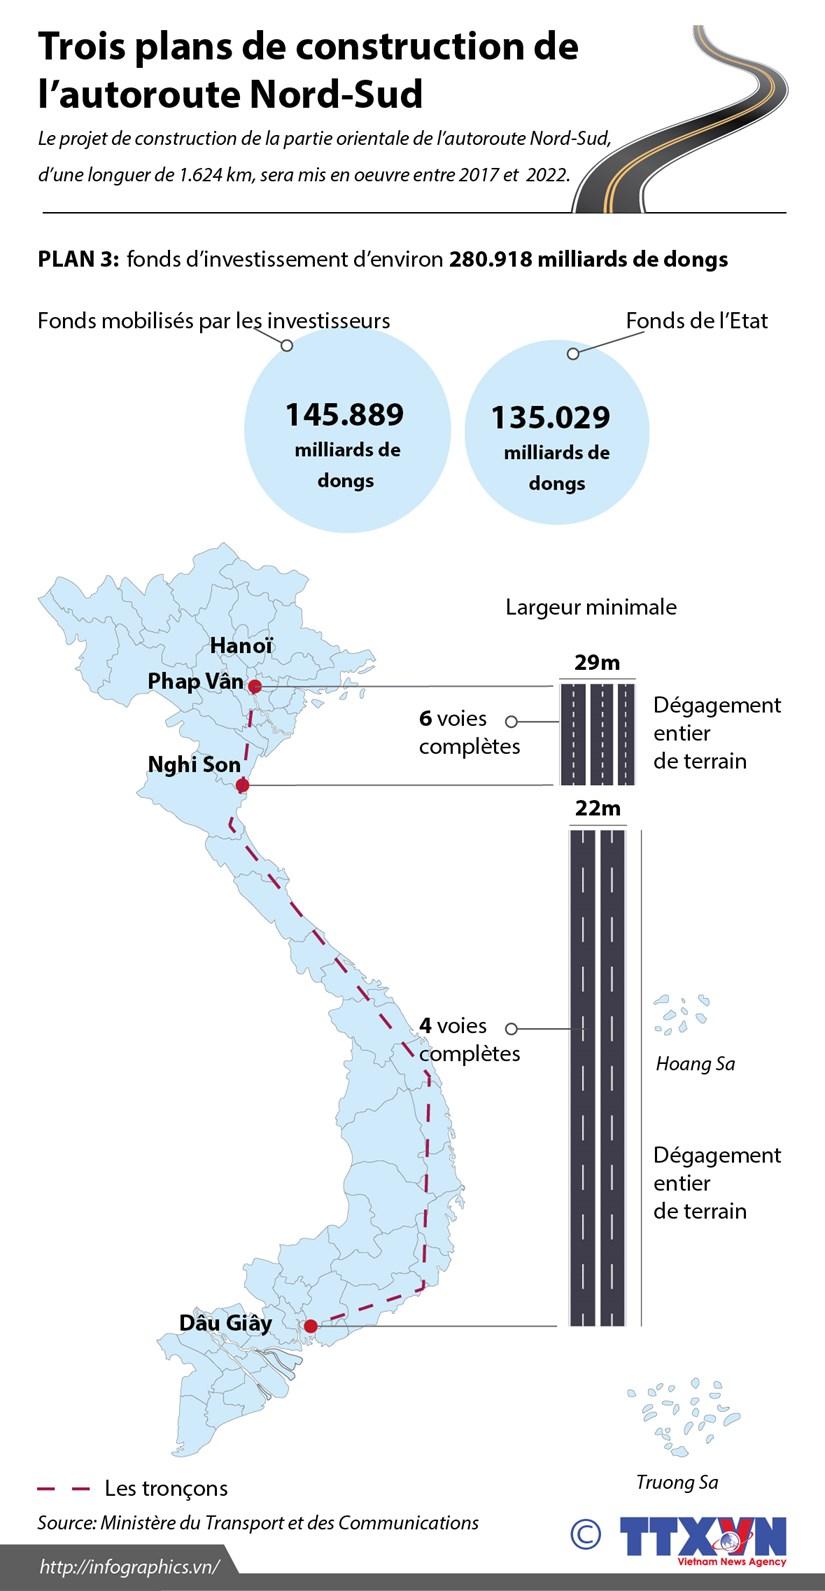 Trois plans de construction de l'autoroute Nord-Sud hinh anh 3